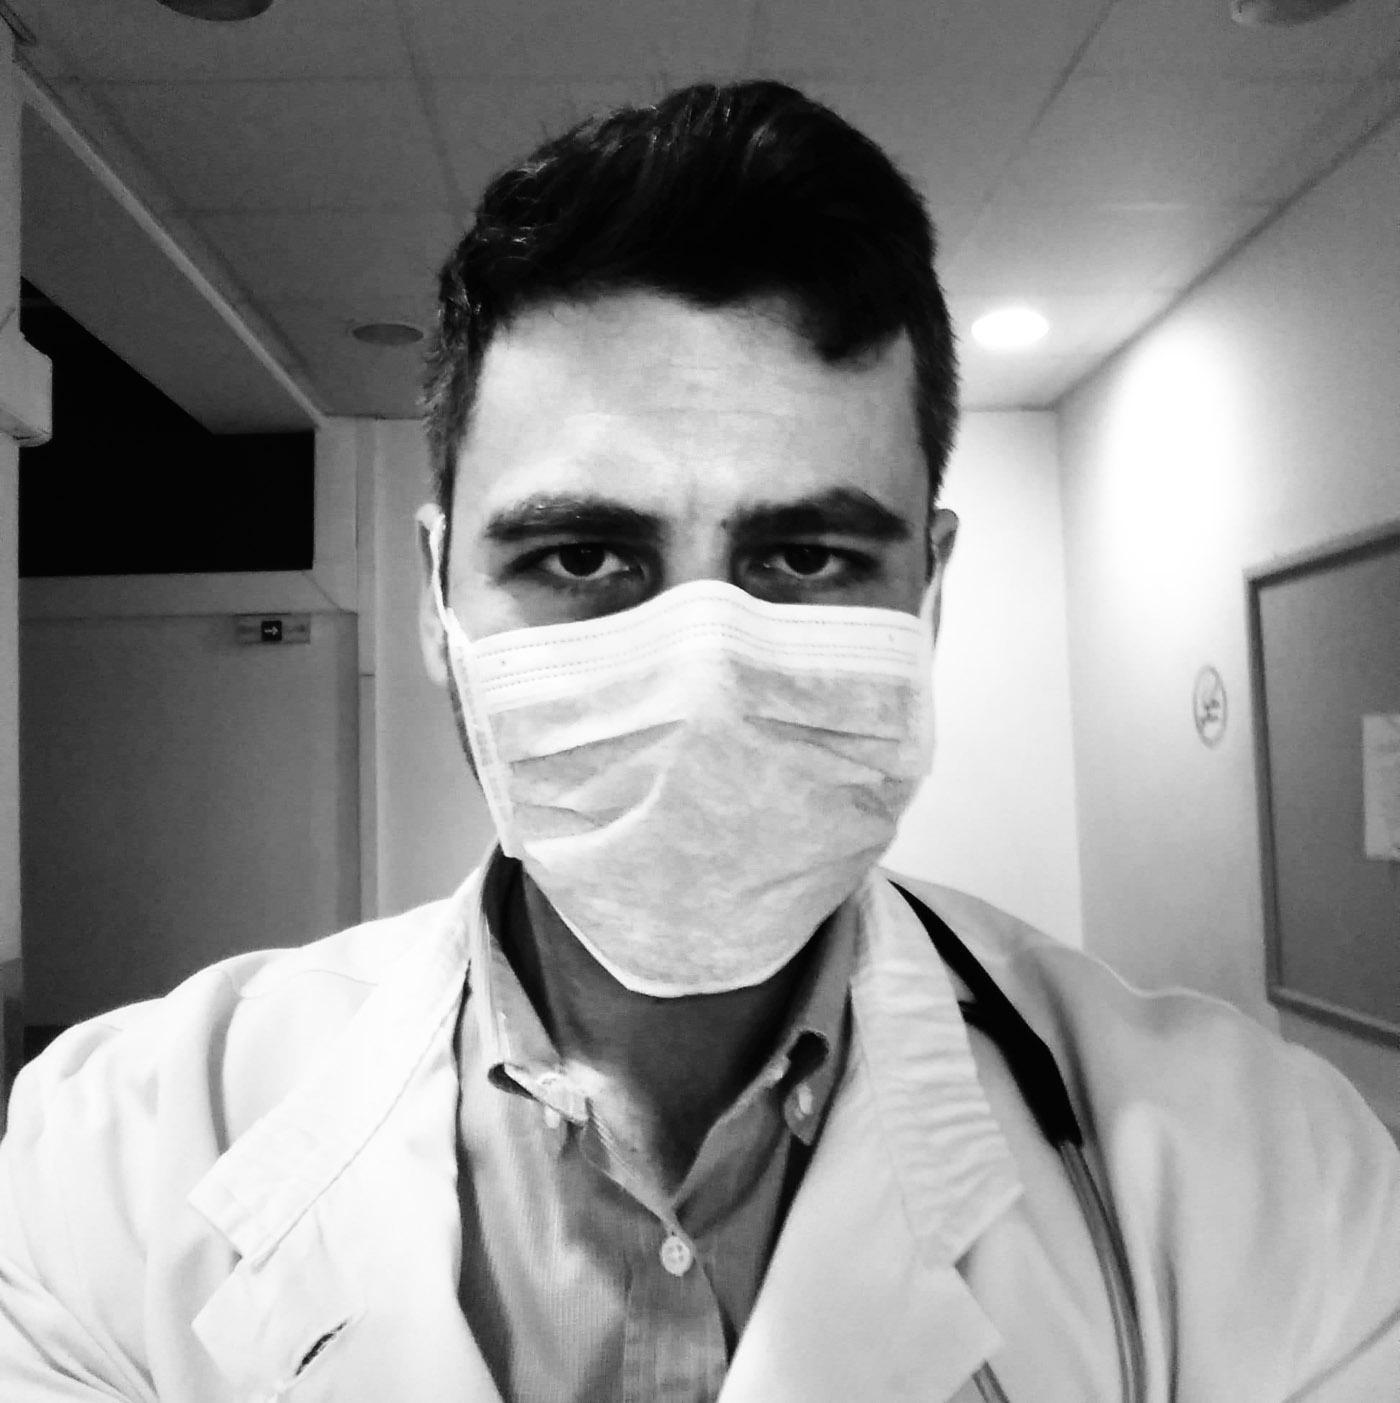 «Δεν υπάρχει χρόνος για κούραση και φόβο στον πόλεμο με τον ιό» λέει γιατρός που μιλά στον «Ε.Τ.»